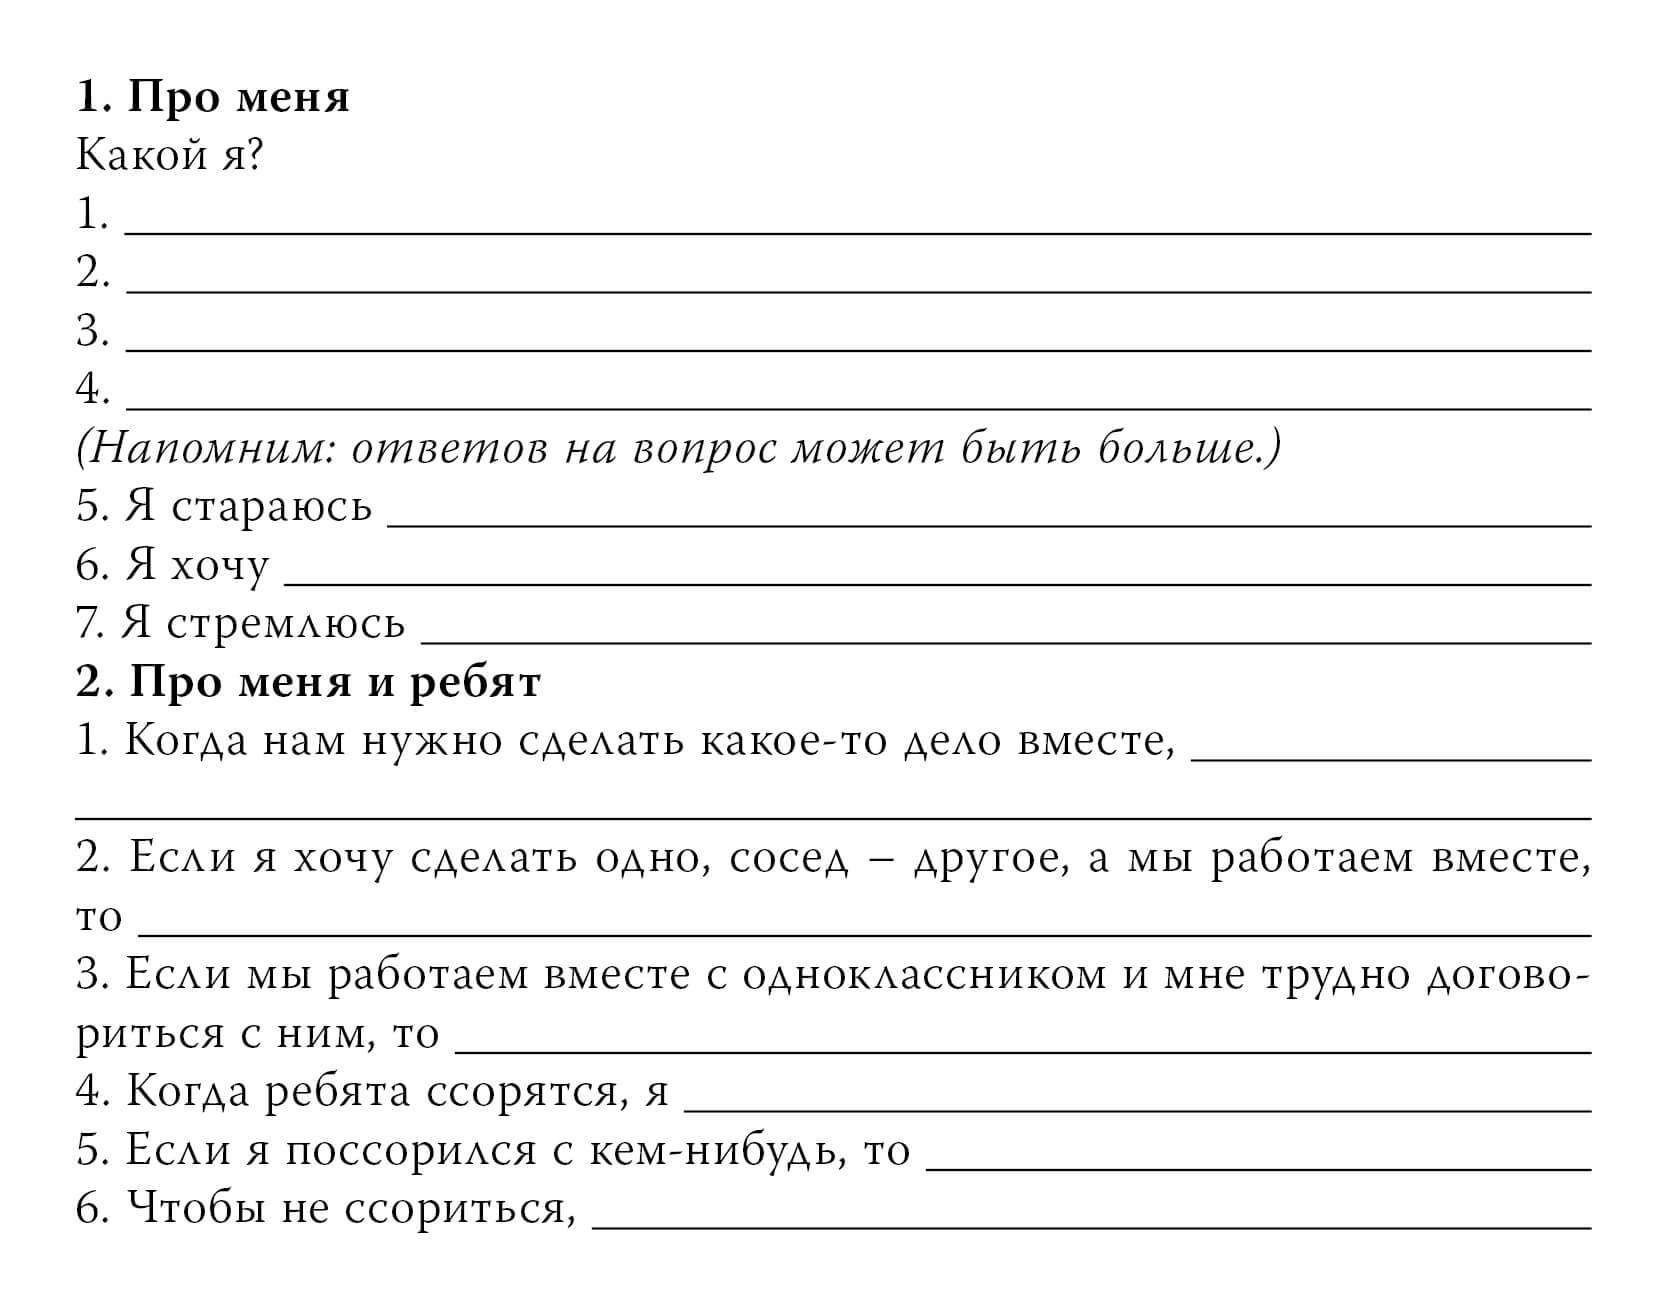 Диагностика параметров социального и личностного развития учащихся начальной школы